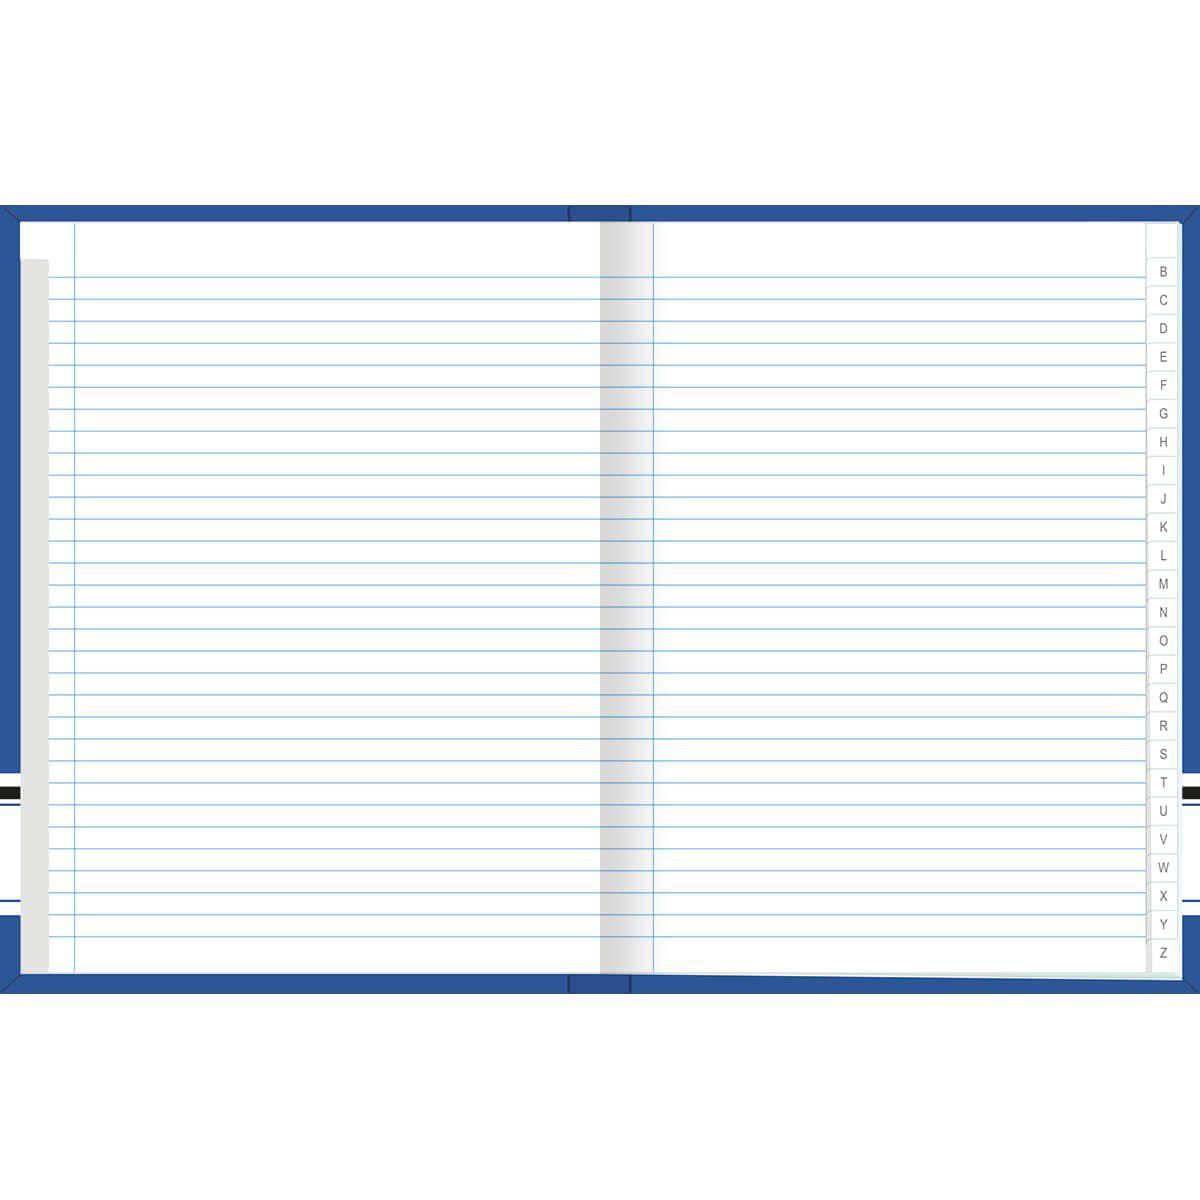 Caderno Tilibra Brochura Capa Dura Costurado Universitário Academie Azul Com Indice 96 Fls 153613 23470